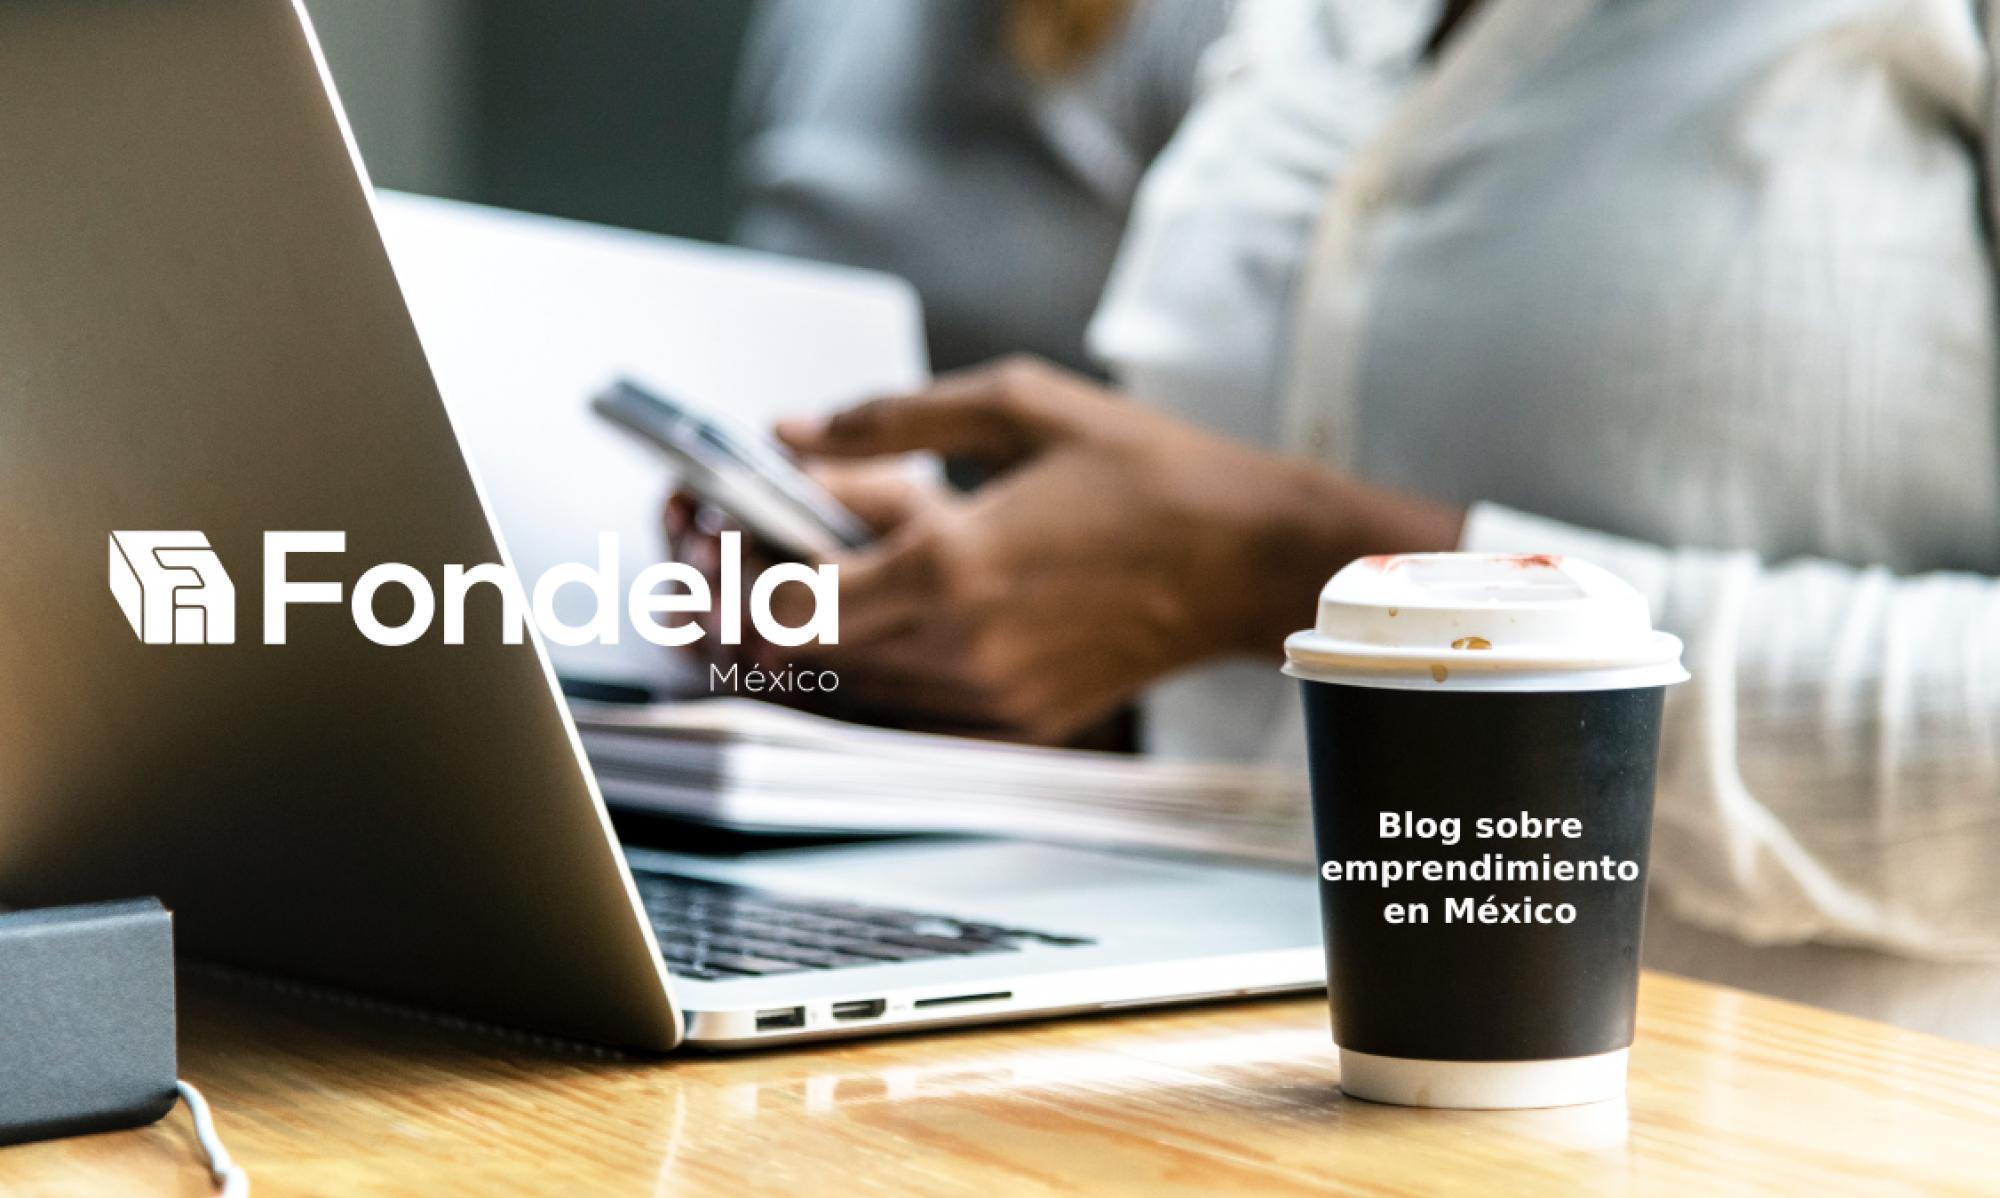 Nuestro blog de fondela sobre emprendimiento, Fondela Blog